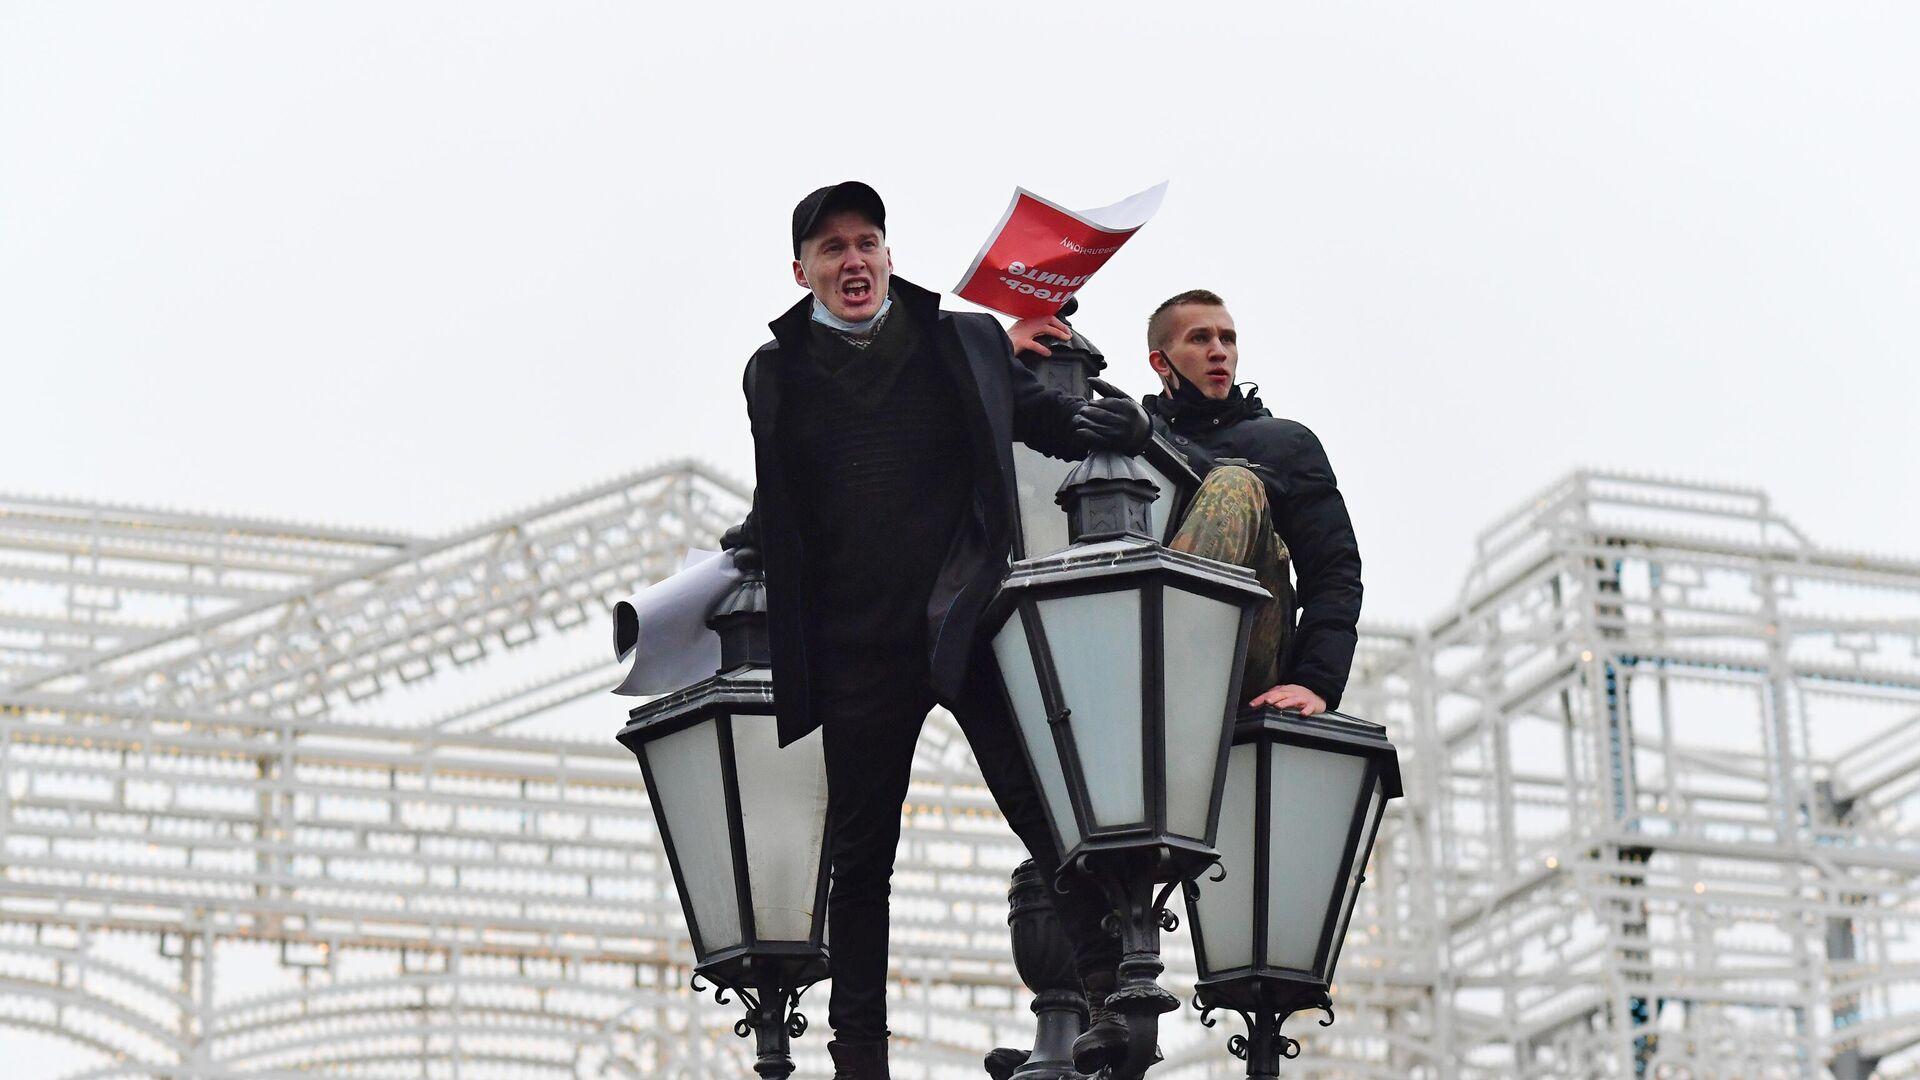 Участники несанкционированной акции в Москве - РИА Новости, 1920, 30.01.2021